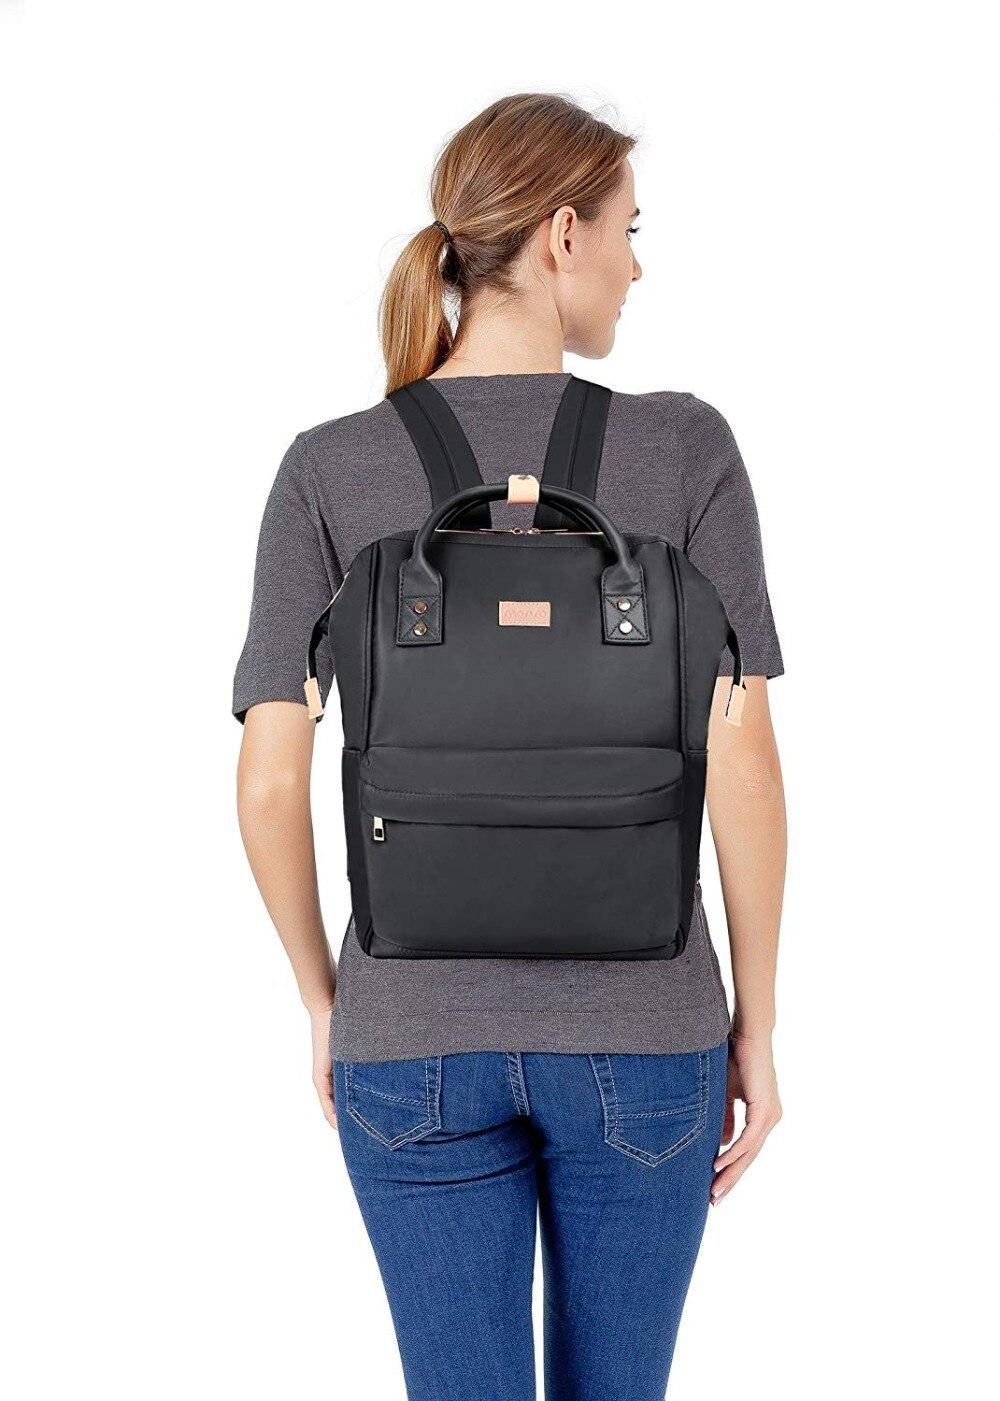 MOSISO 2019 Femmes Sacs À Dos Ordinateur Portable sac à bandoulière Hydrofuge Polyester Voyage Dames Bagpack sacs d'écolier Pour Filles/Garçon/Homme